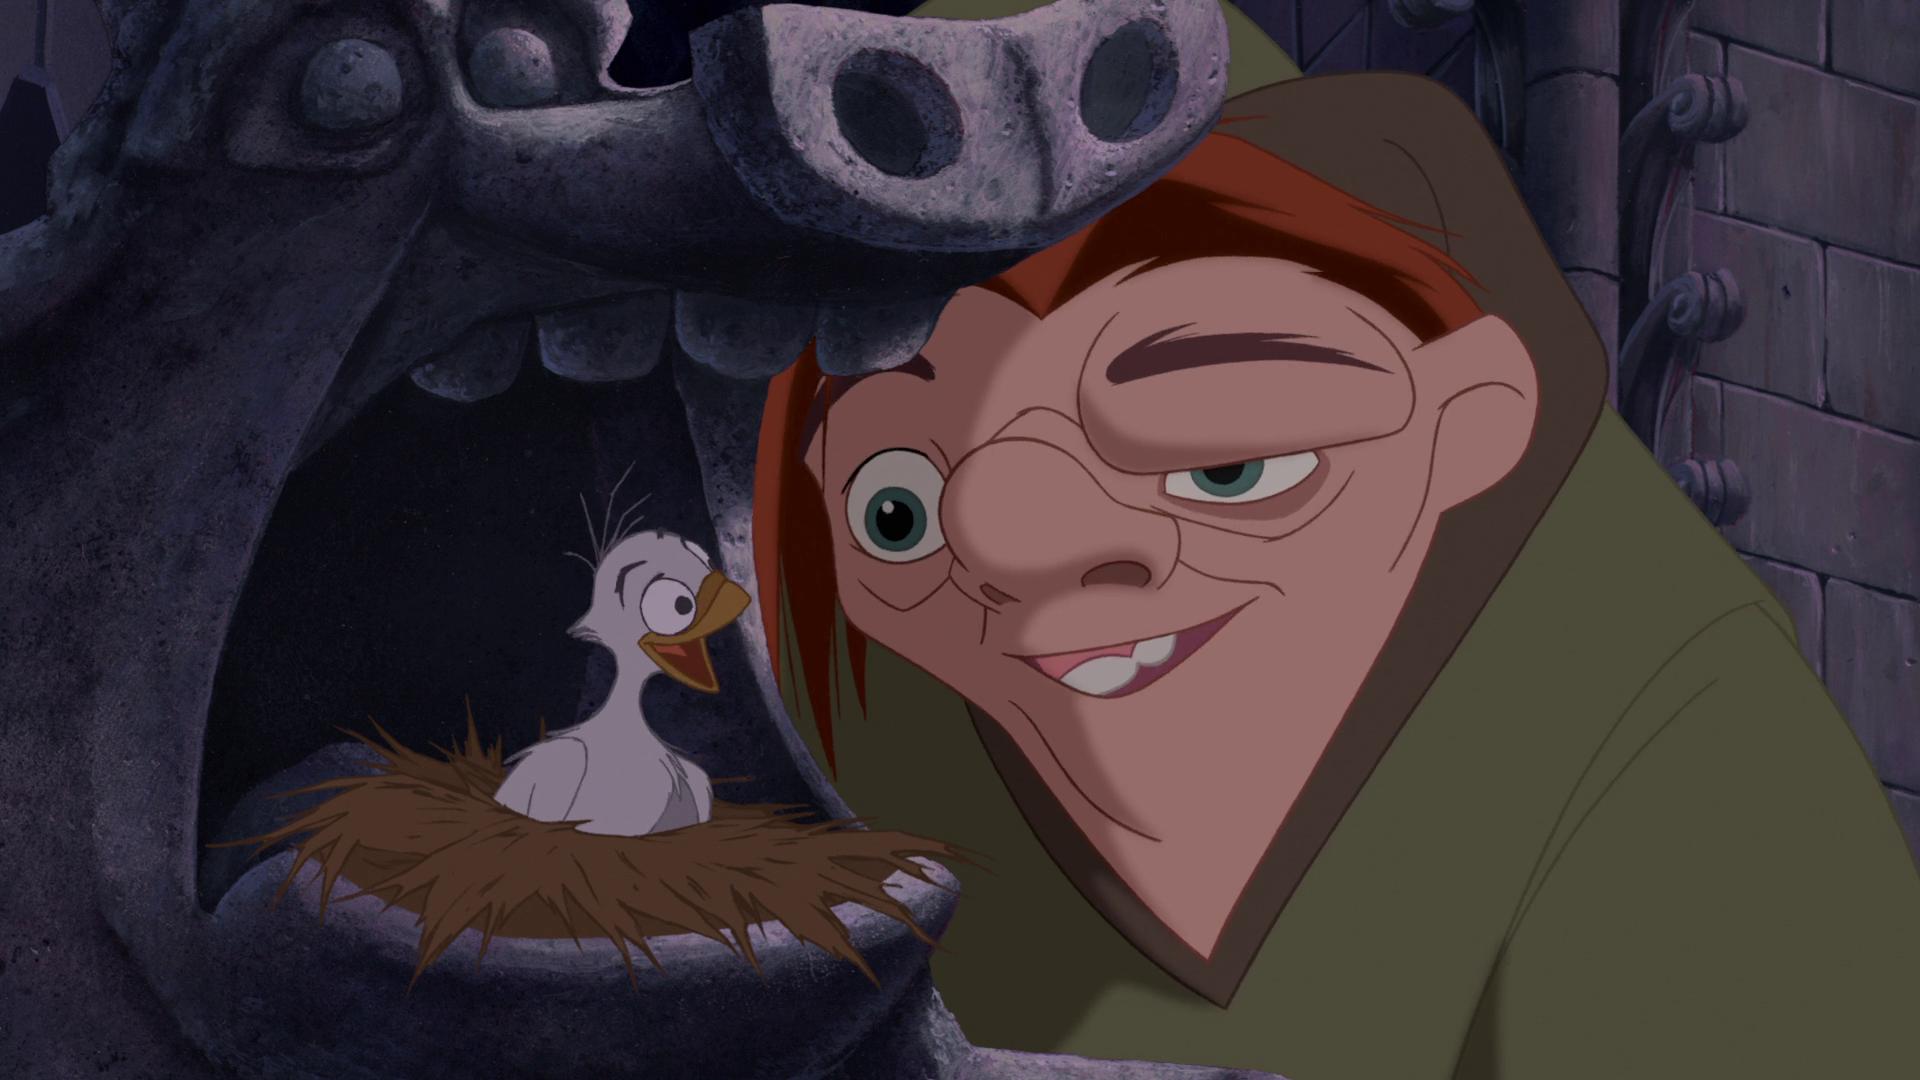 Quasimodo Disney Image - Quasimodo 2.PN...